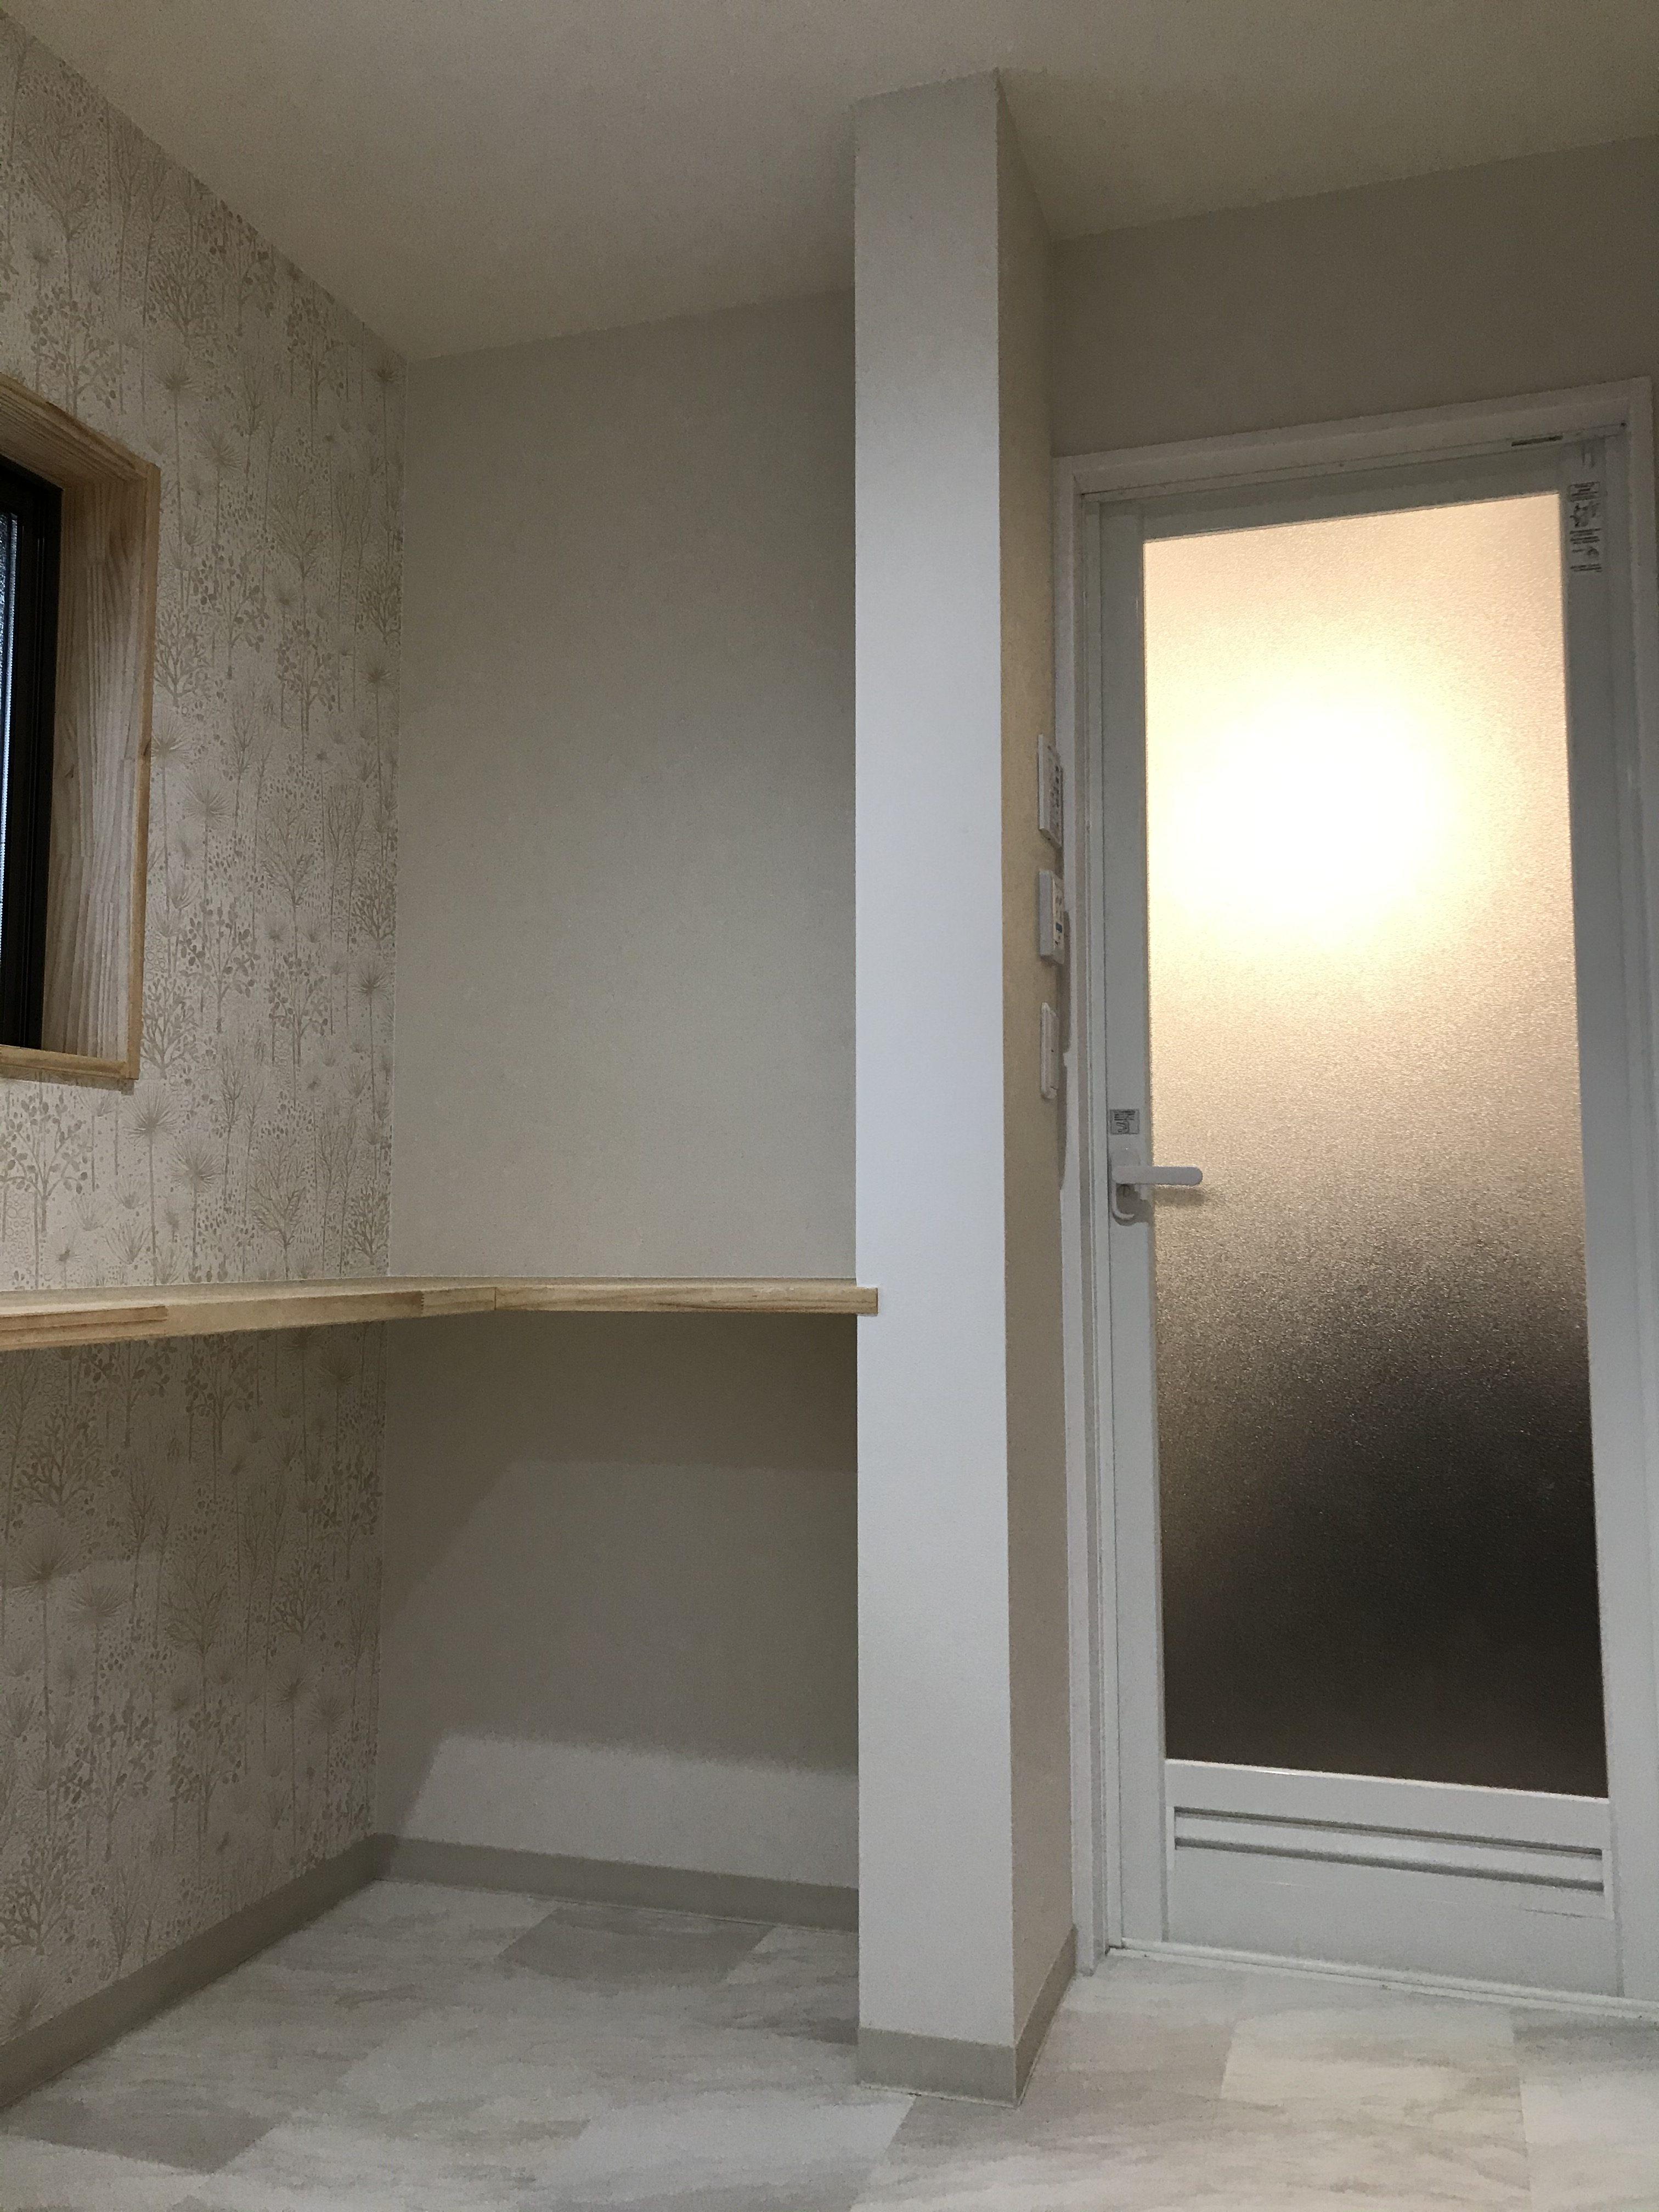 壁・天井は湿気に強いクロスを選び、床は硬く耐水性のあるフロアタイルを貼りました